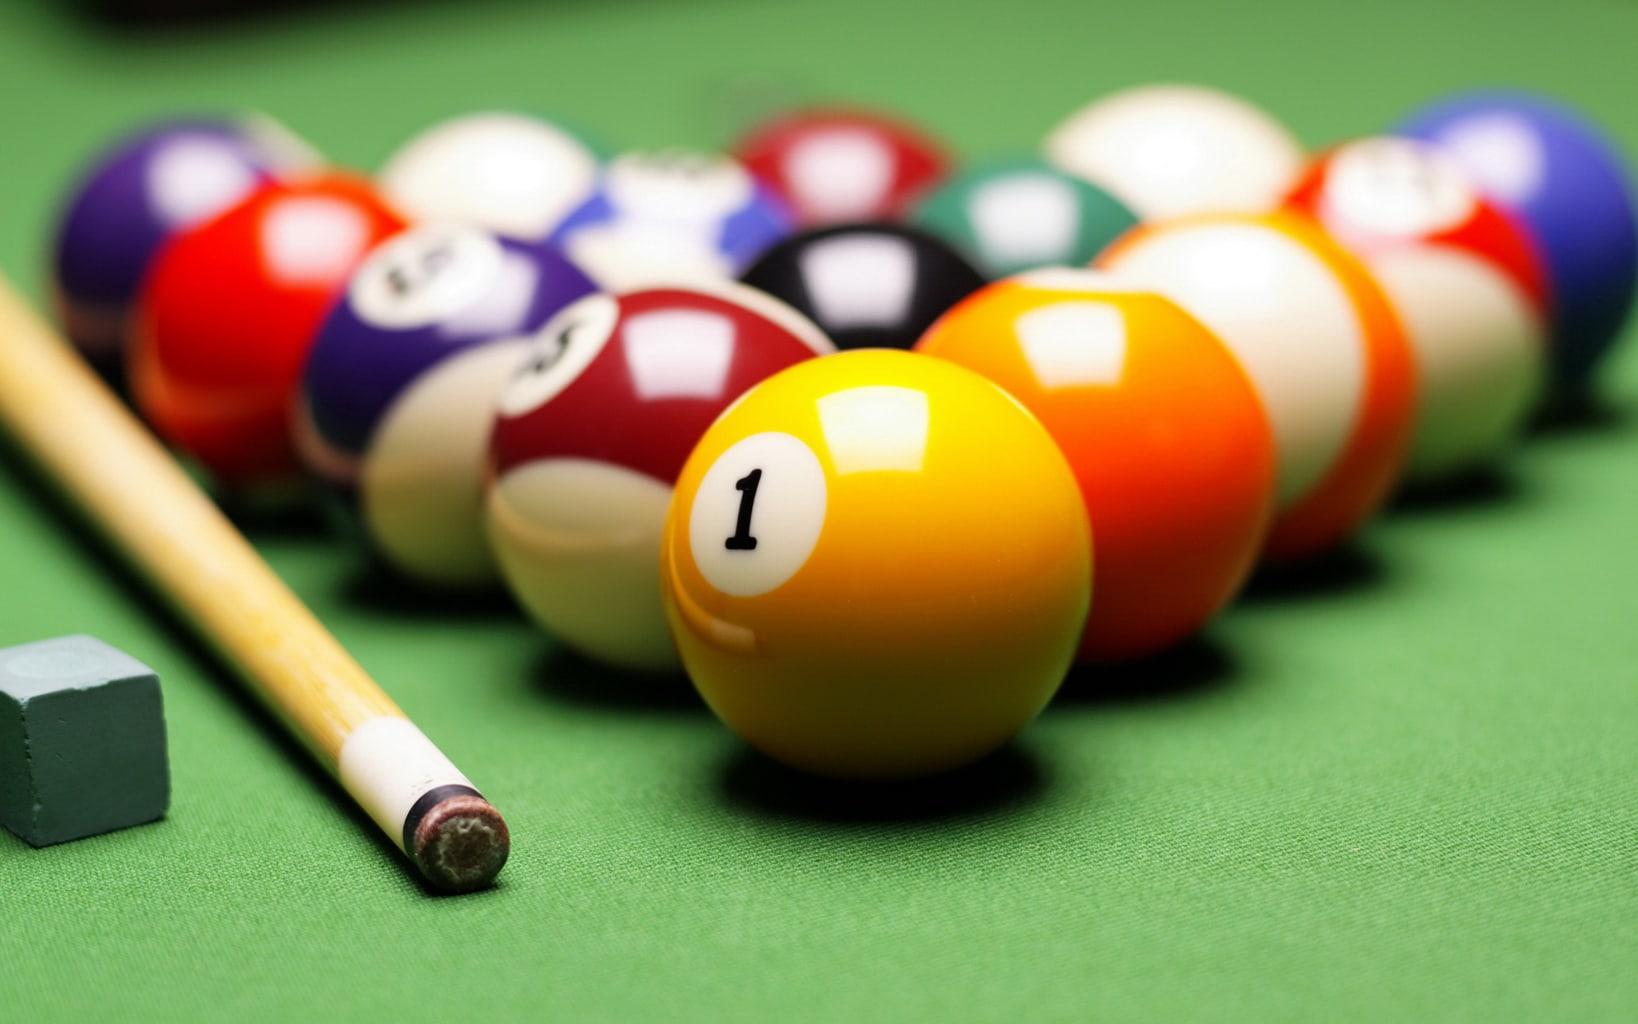 Image result for Billiards